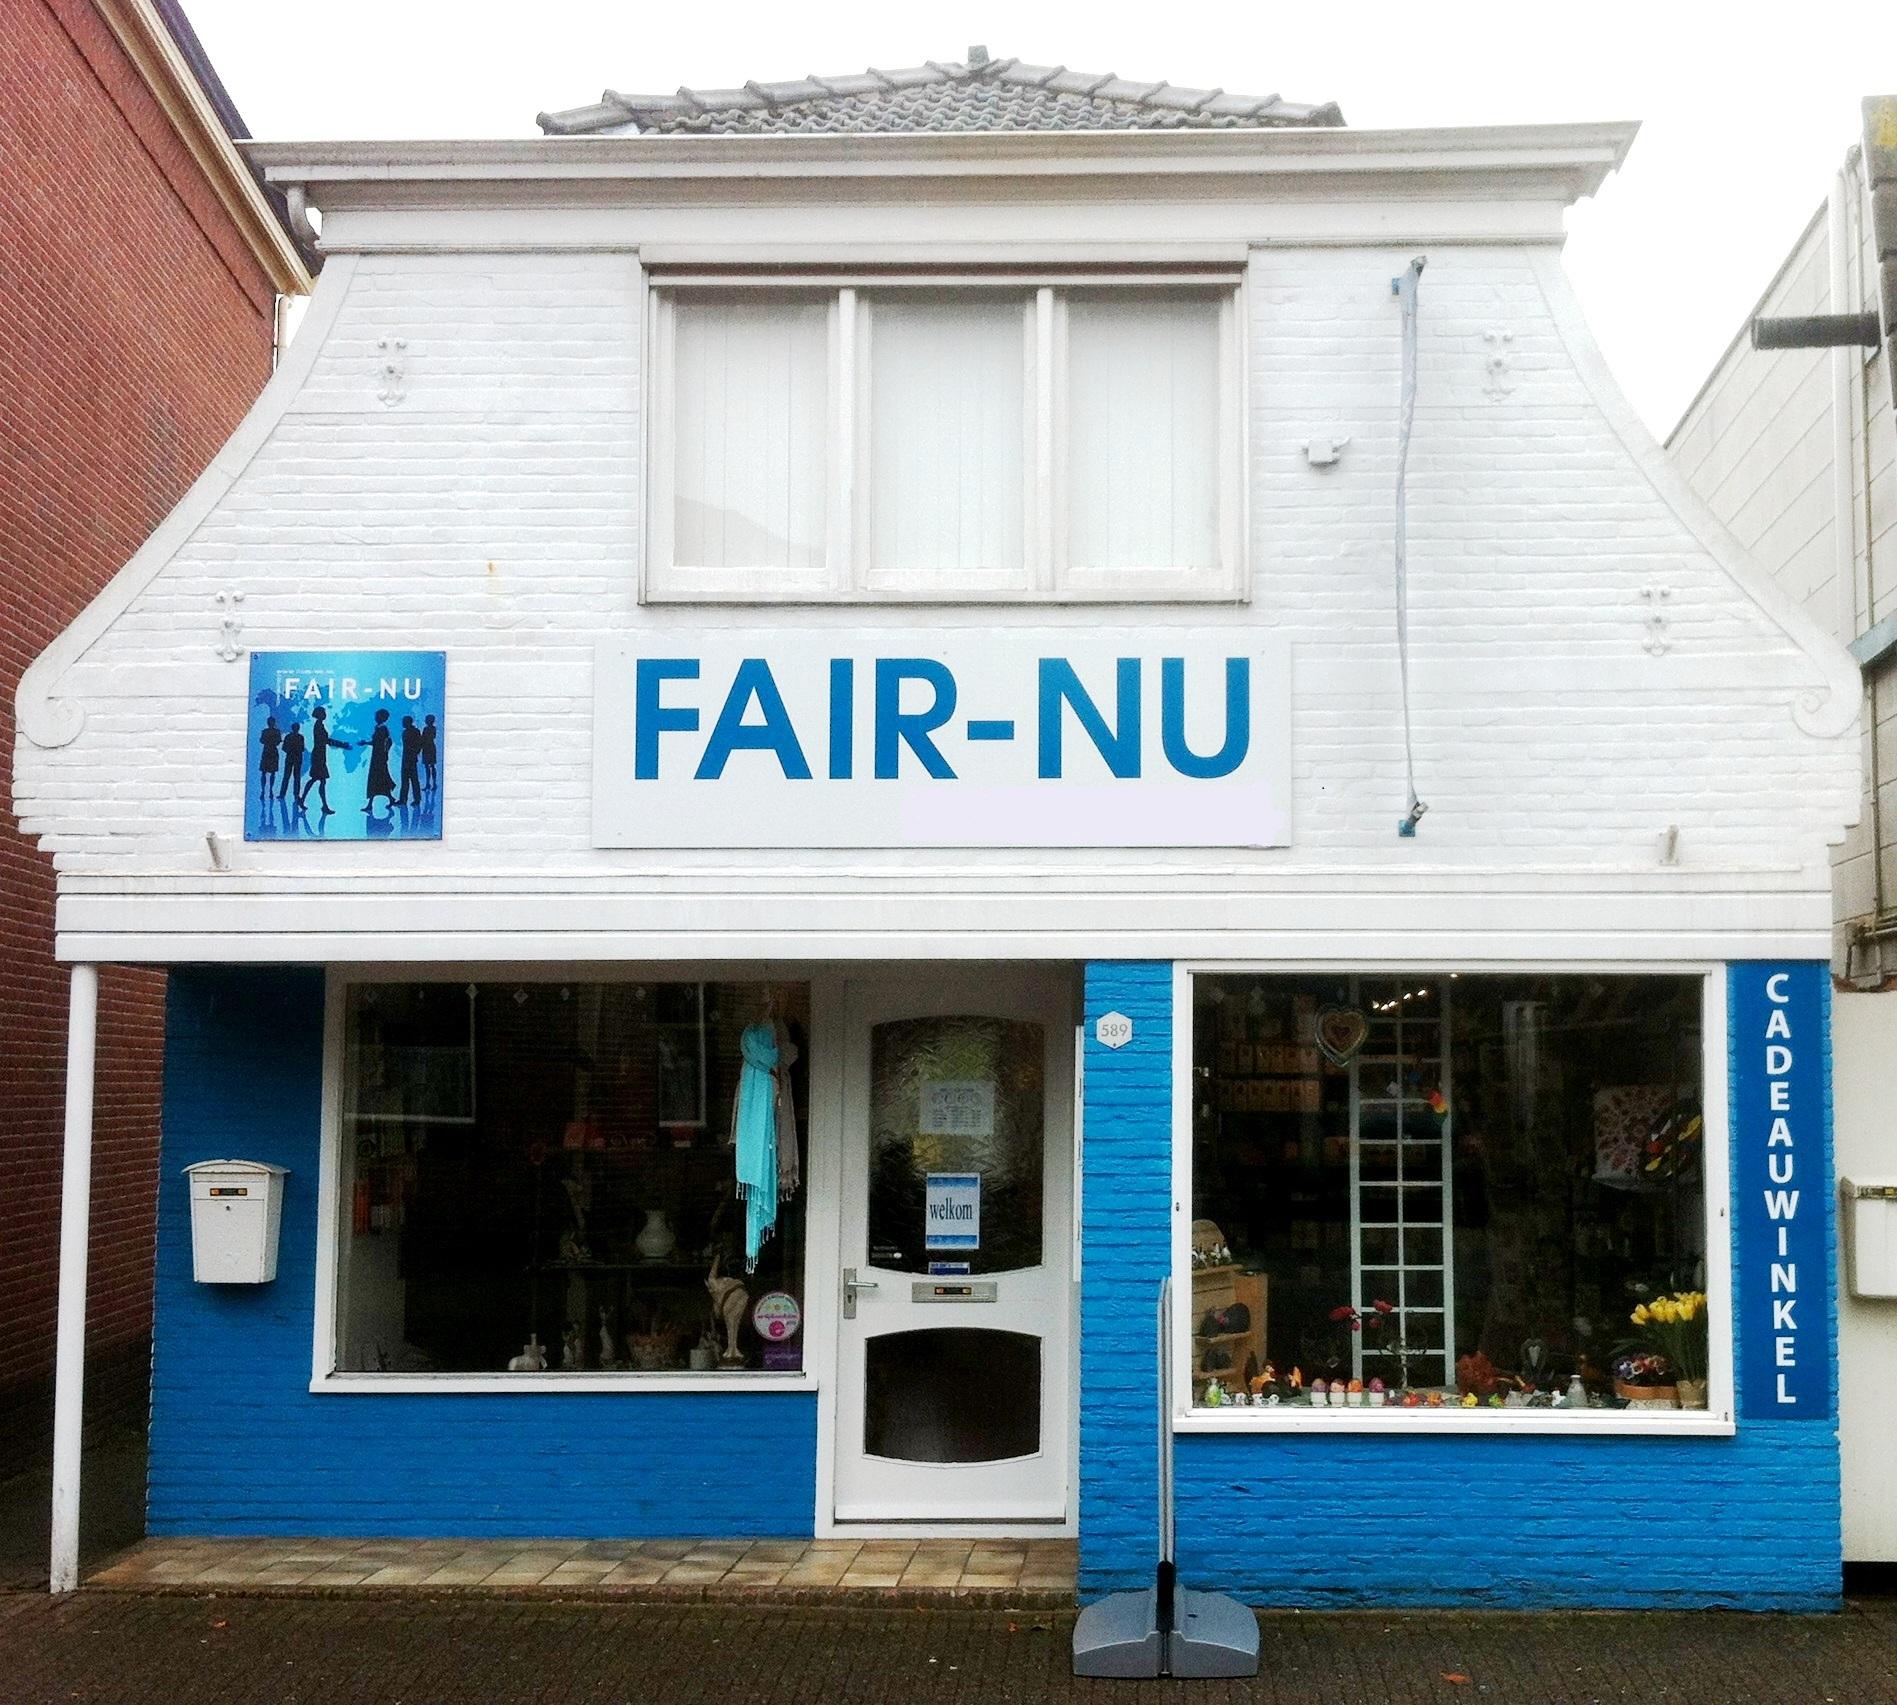 FAIR-NU, de leukste duurzame, eerlijke winkel in Langedijk en omstreken. (Foto: aangeleverd)